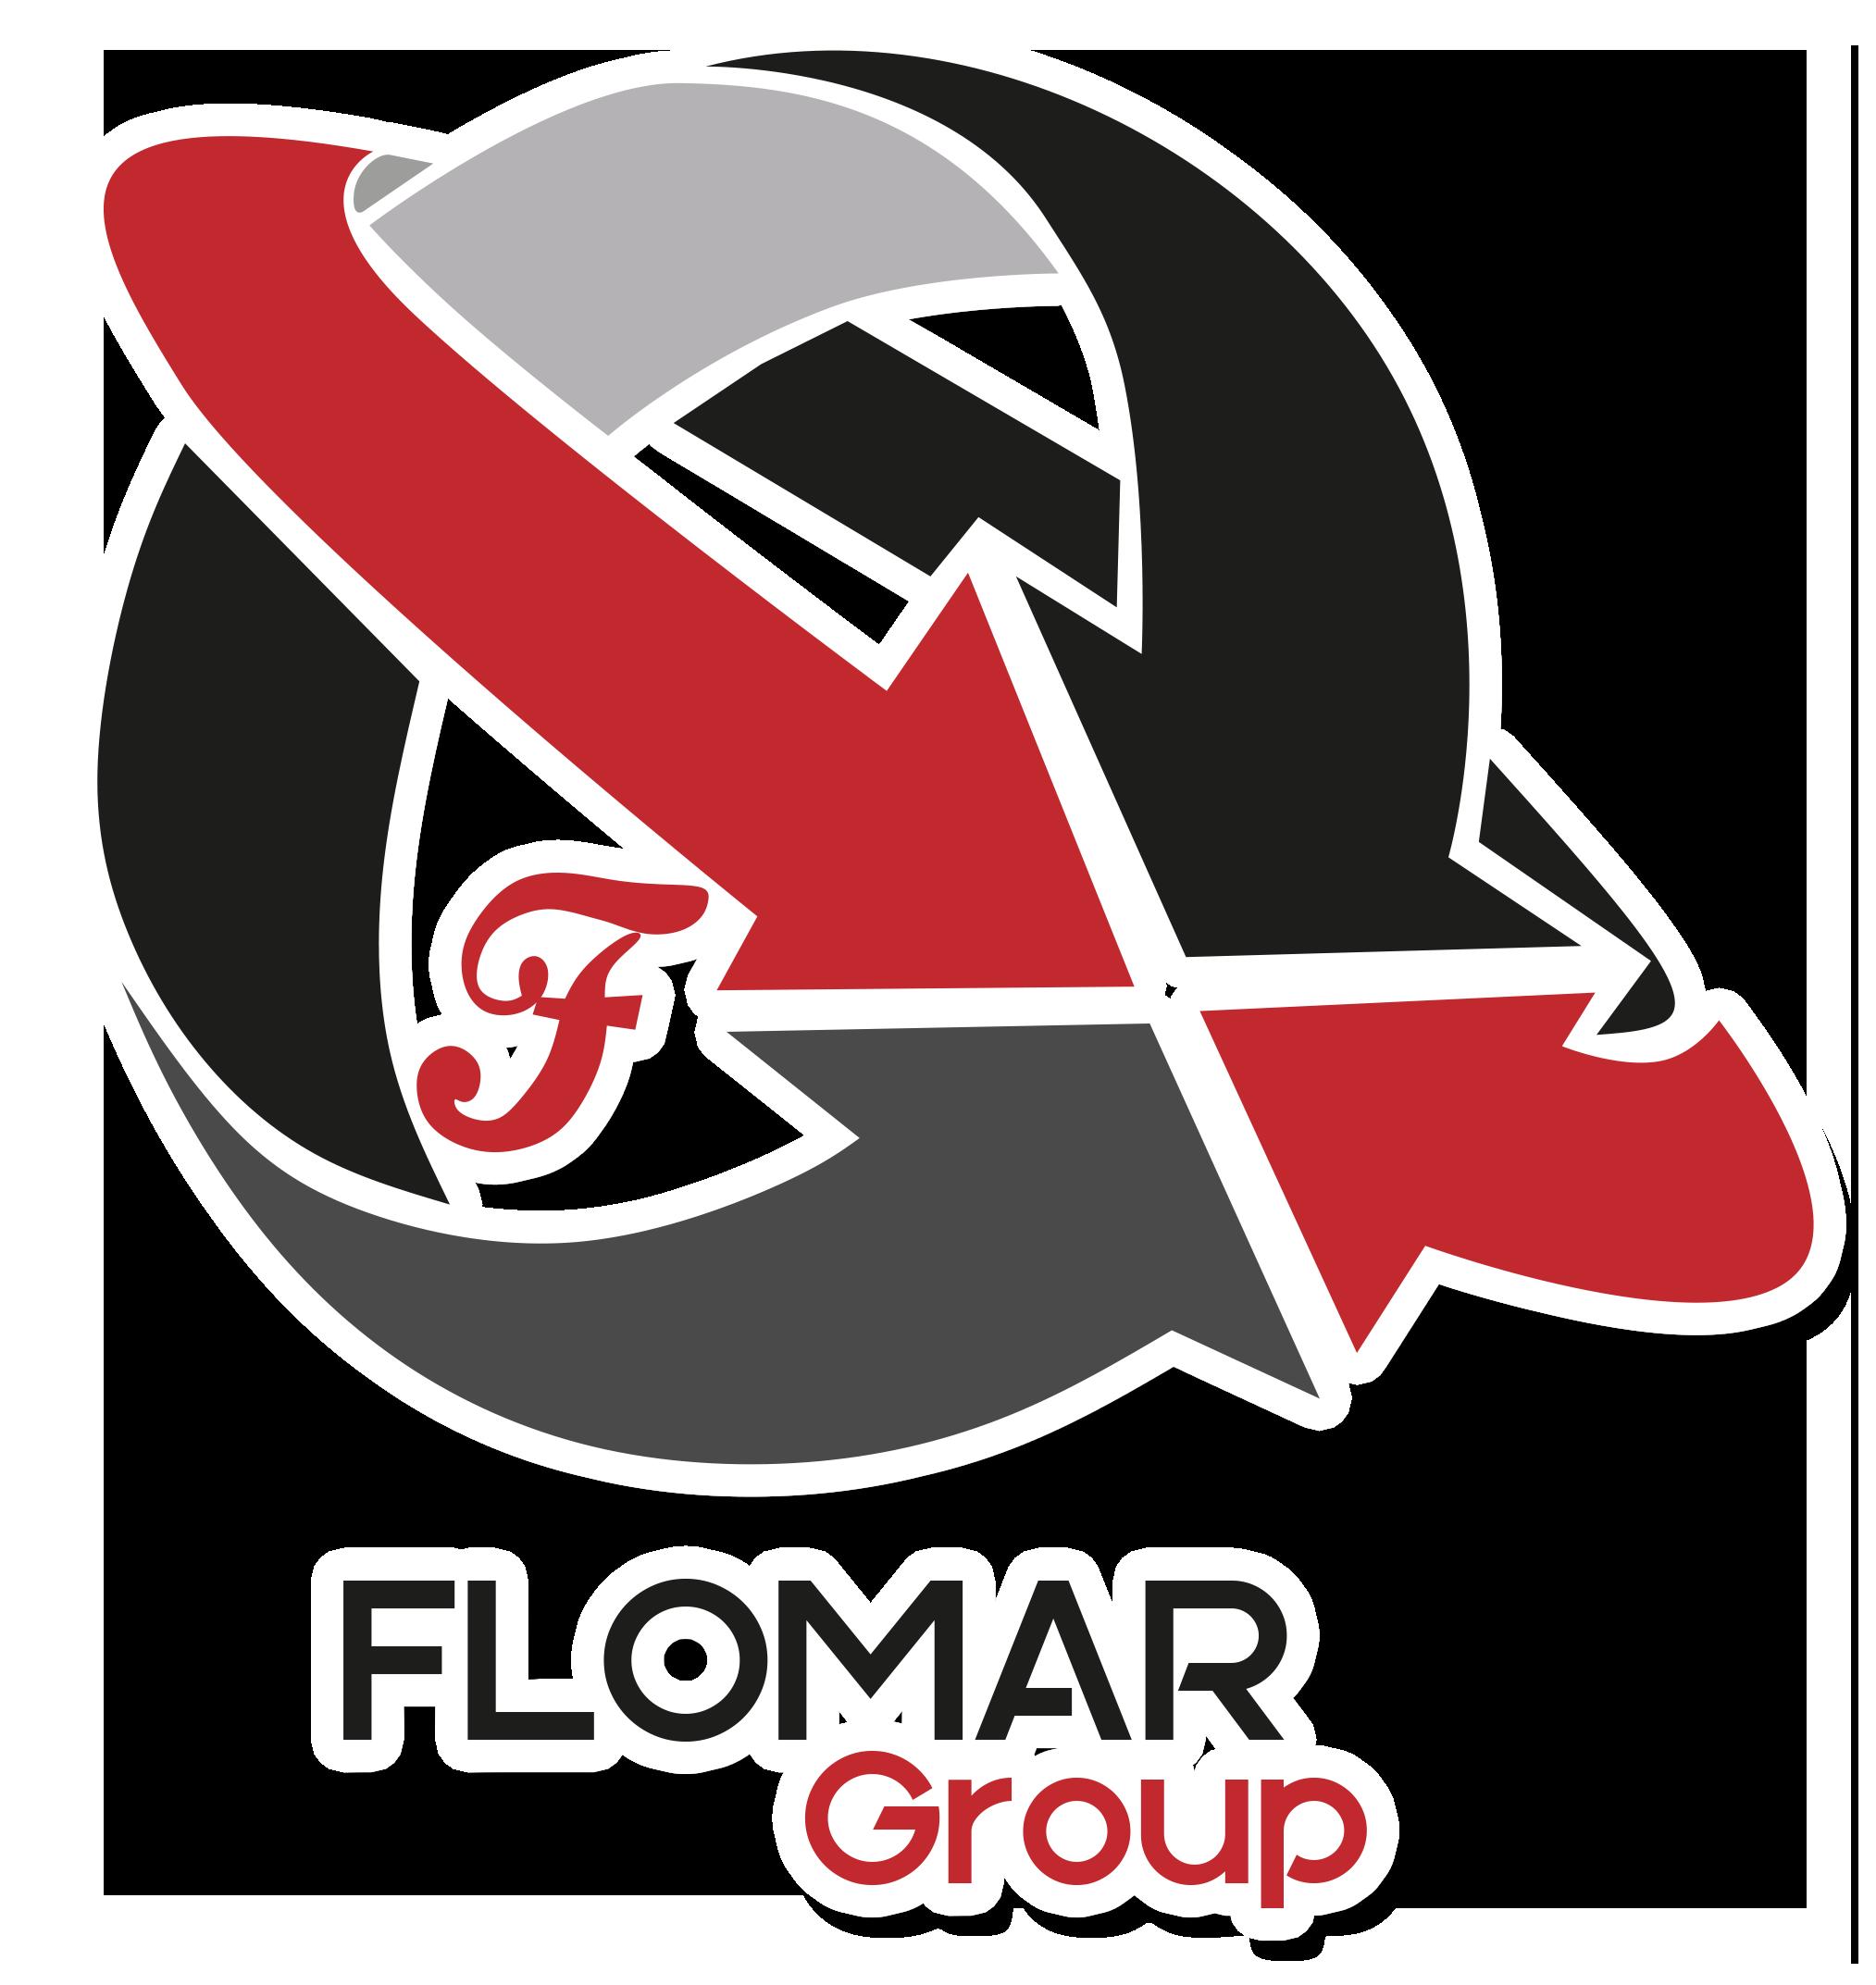 Flomargroup